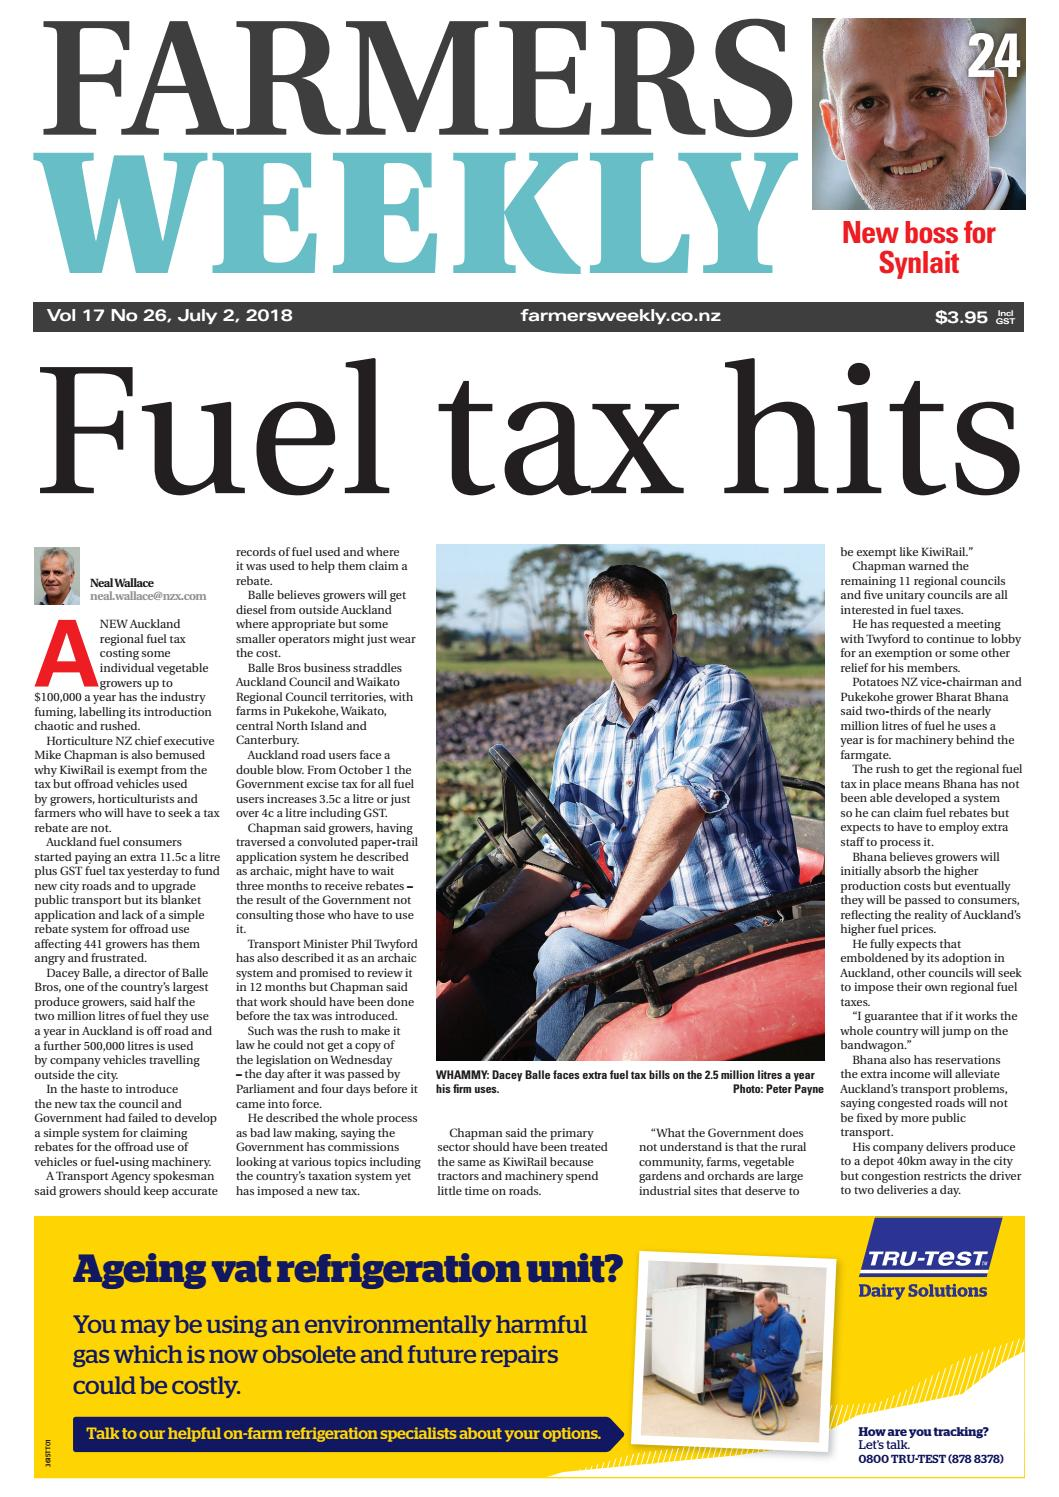 2ce9ed8033829 Farmers Weekly NZ July 02 2018 by Farmers Weekly NZ - issuu